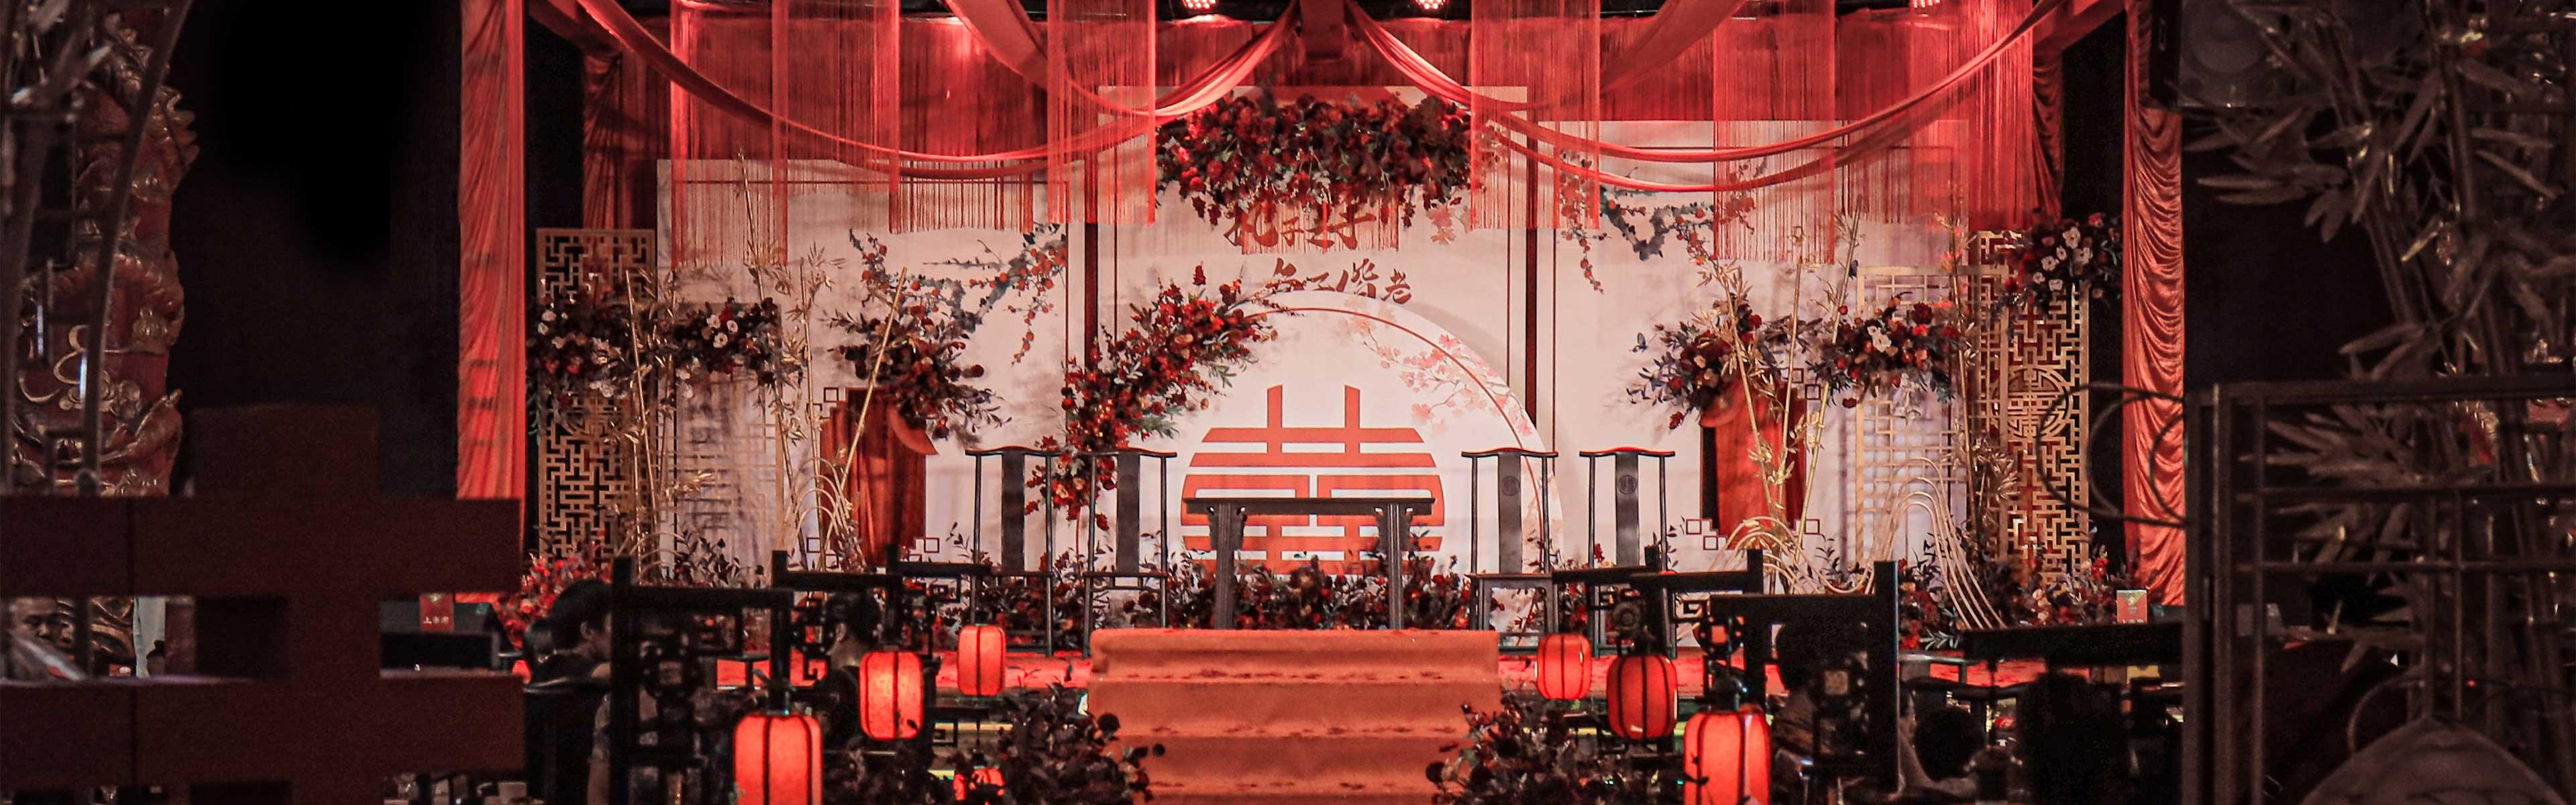 固安婚庆策划案例:韶华倾负 | 湖南 长沙